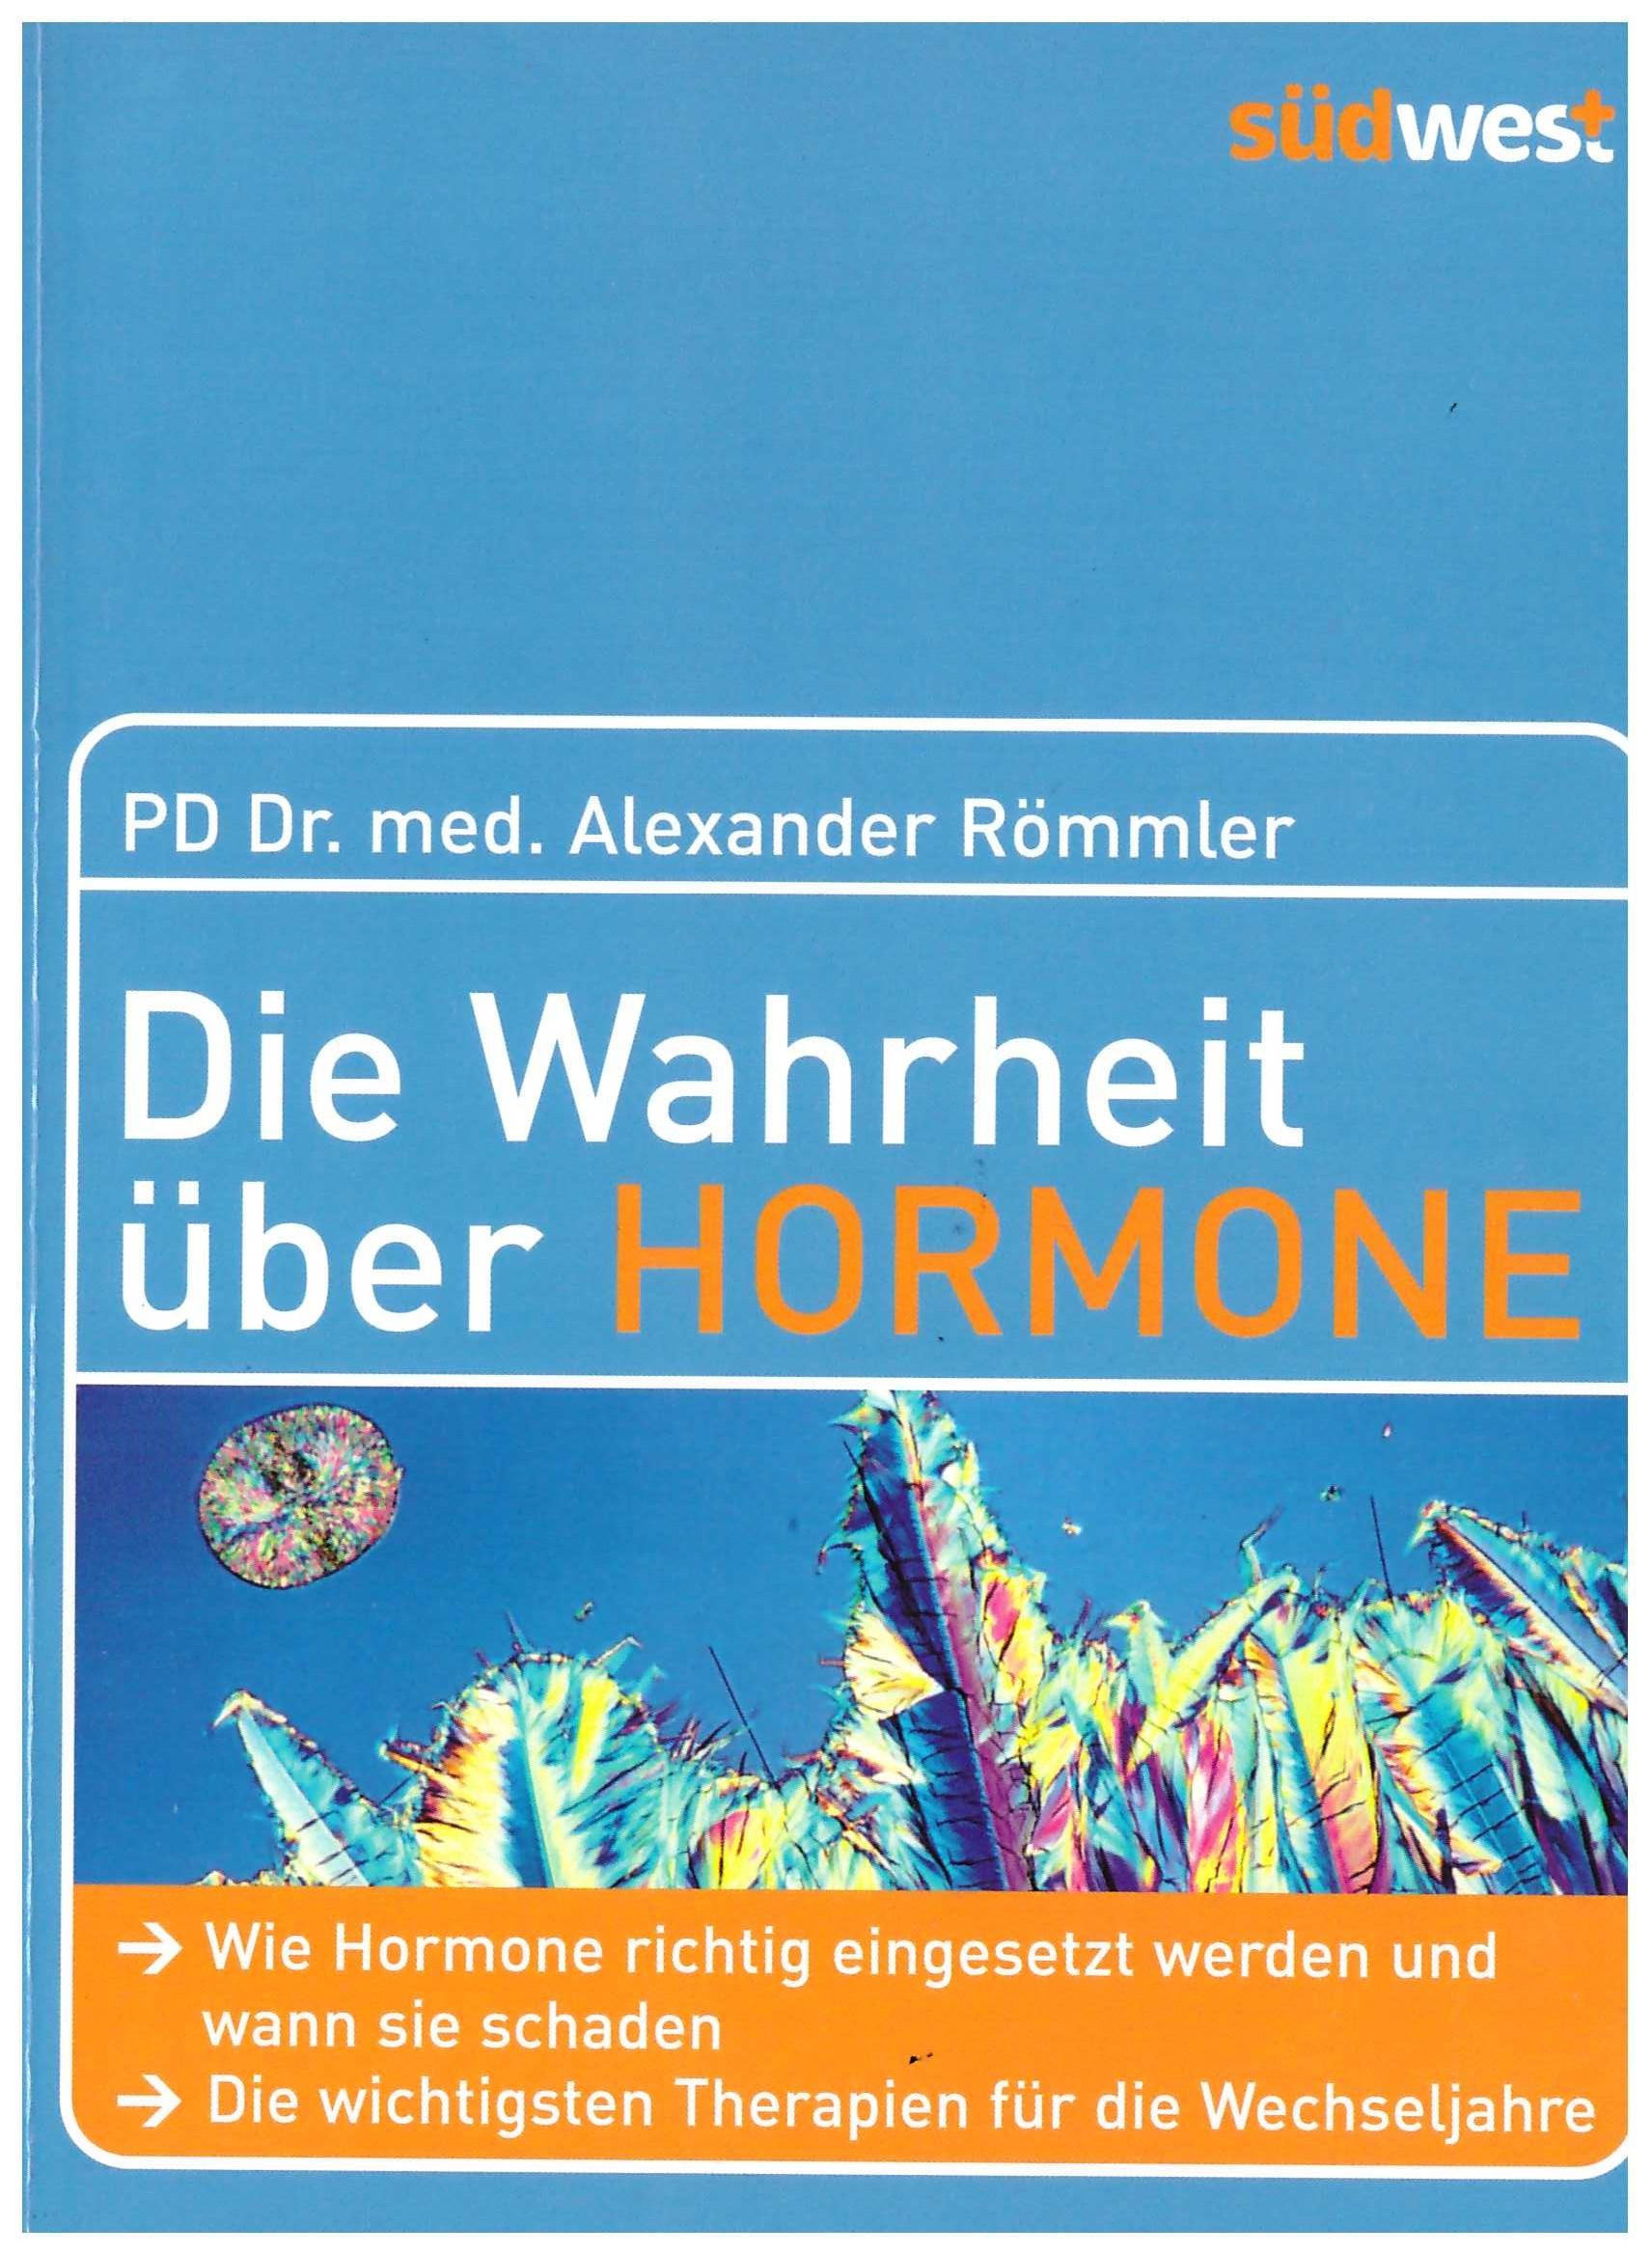 Wahrheit-Hormone-cover